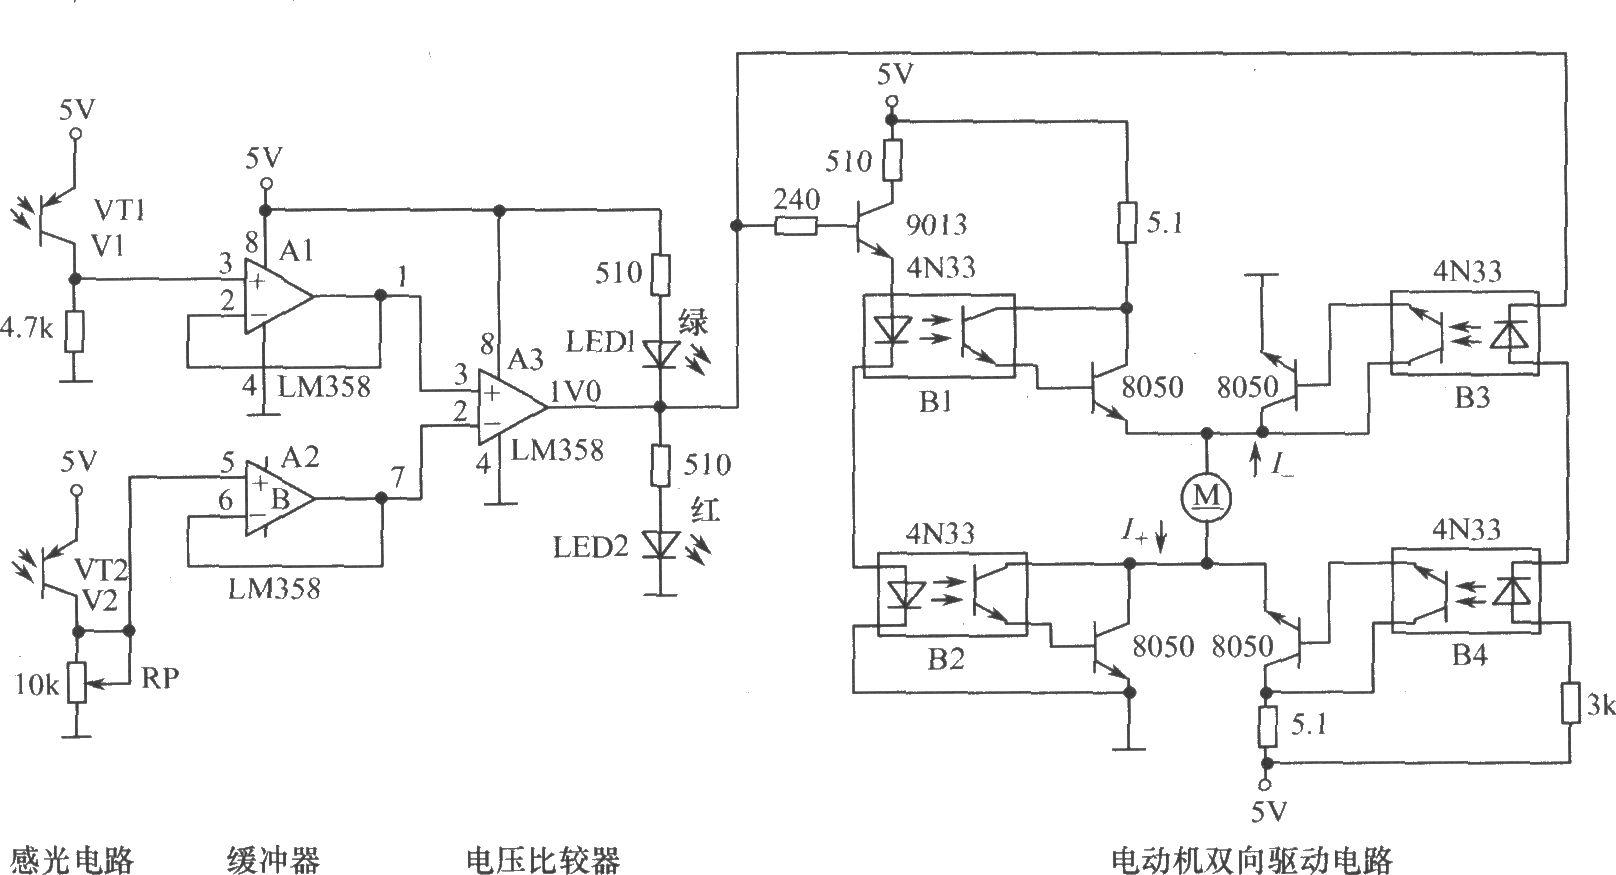 为了在实验室中形象地模拟演示向日葵现象,设计了如图所示的电子线路,它结构简单,制作、调试容易,工作可靠和抗干扰性好,又生动有趣,达到良好的效果。元器件选择:VT1、VT2可用5mm如3DU12等,若用3mm的3DU112等则更为小巧。VT1、VT2的感光面(顶部)应平行。直流减速电动机可选用一般微小型的,如本机型号RS-545126000-600K(即额定电压为12V,空载转速为6000r/min,减速比为600)等。其余元器件可见图标示。